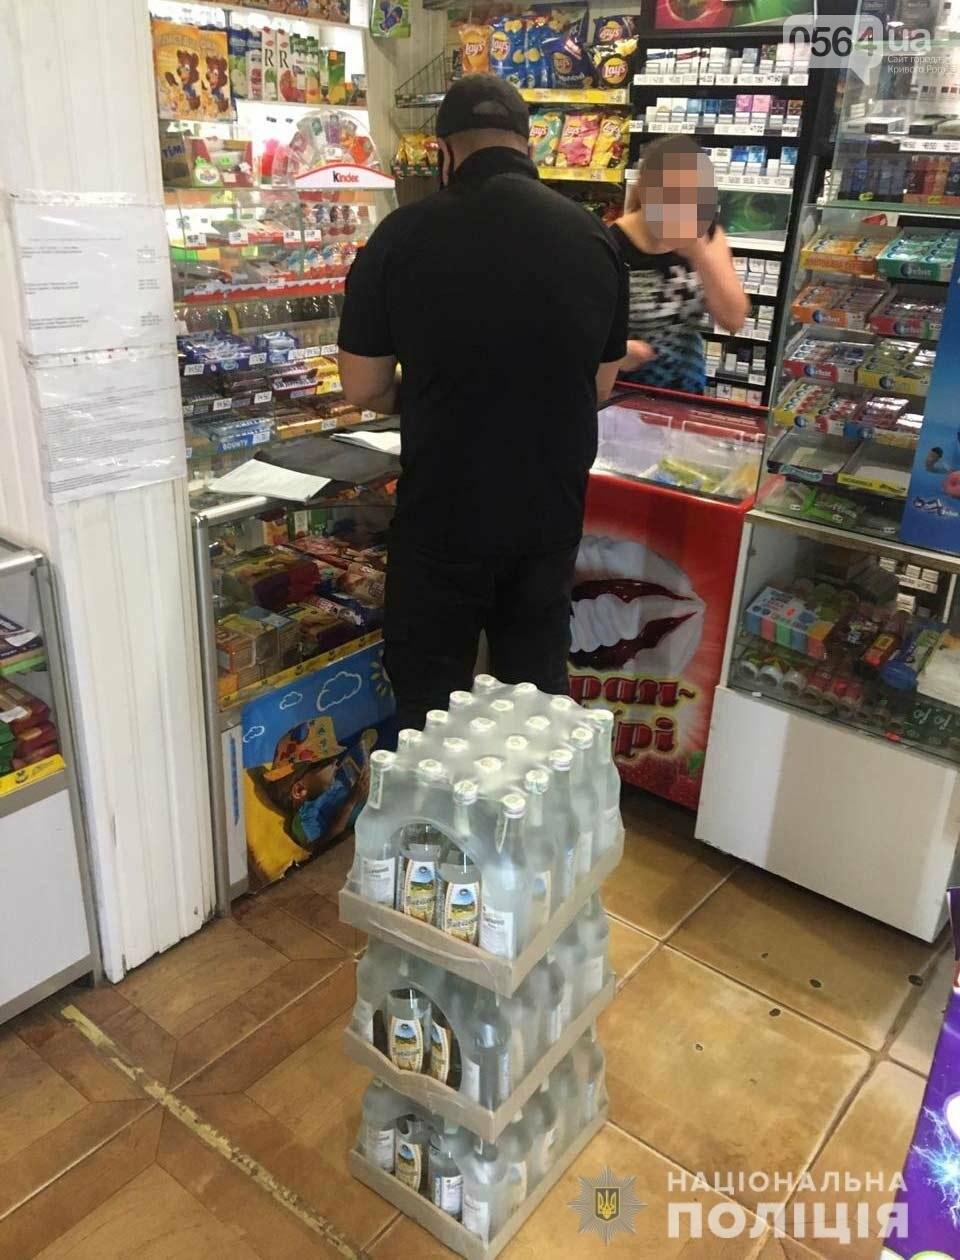 Криворожские полицейские изъяли более 1800 пачек сигарет и около 600 бутылок алкоголя сомнительного происхождения, - ФОТО, ВИДЕО , фото-4